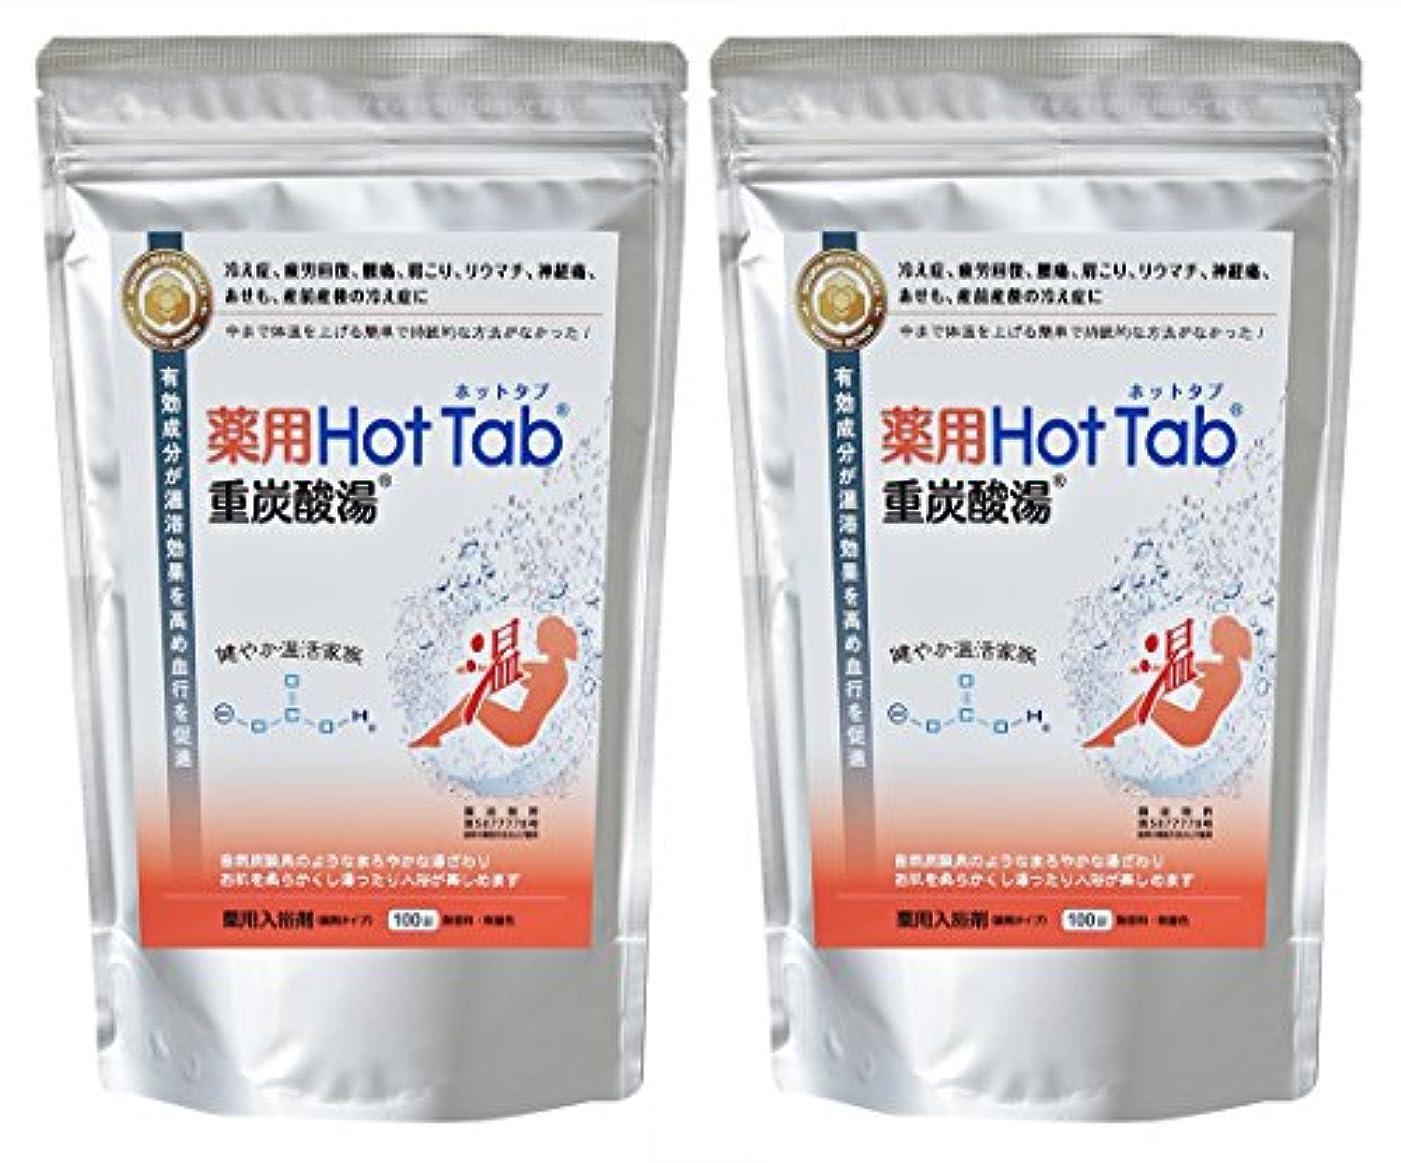 不実肘掛け椅子鋼薬用 Hot Tab 重炭酸湯 100錠入りx2セット